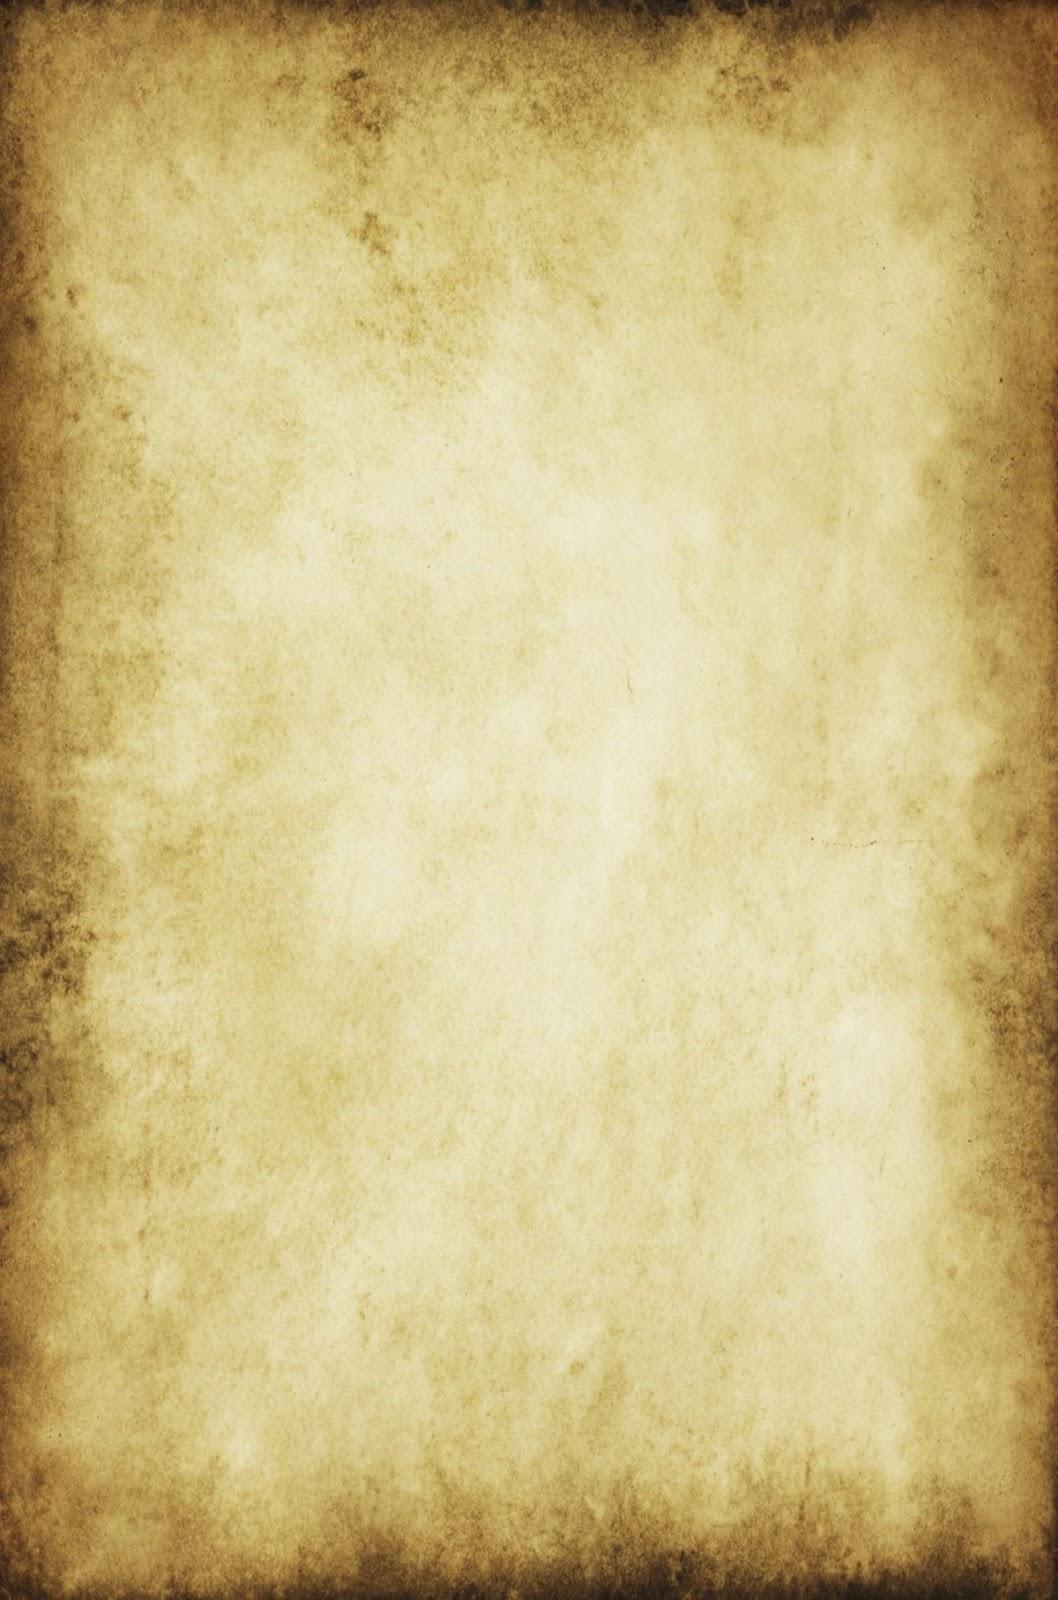 শব্দমালা : সালমা বিনতে শামছ